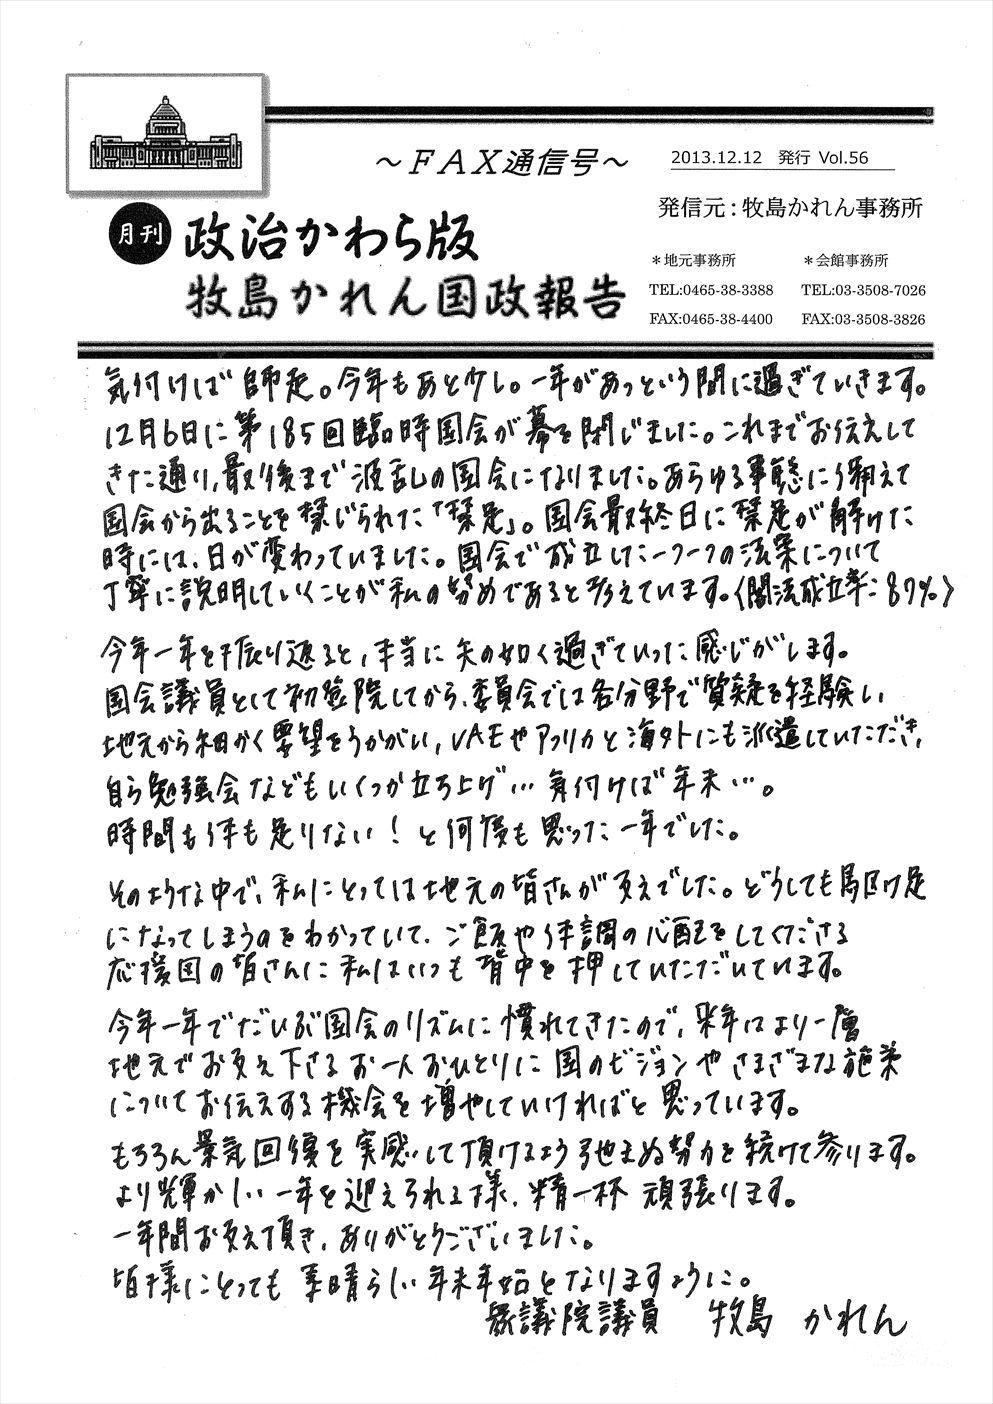 牧島かれん 政治かわら版12月号 Vol.56